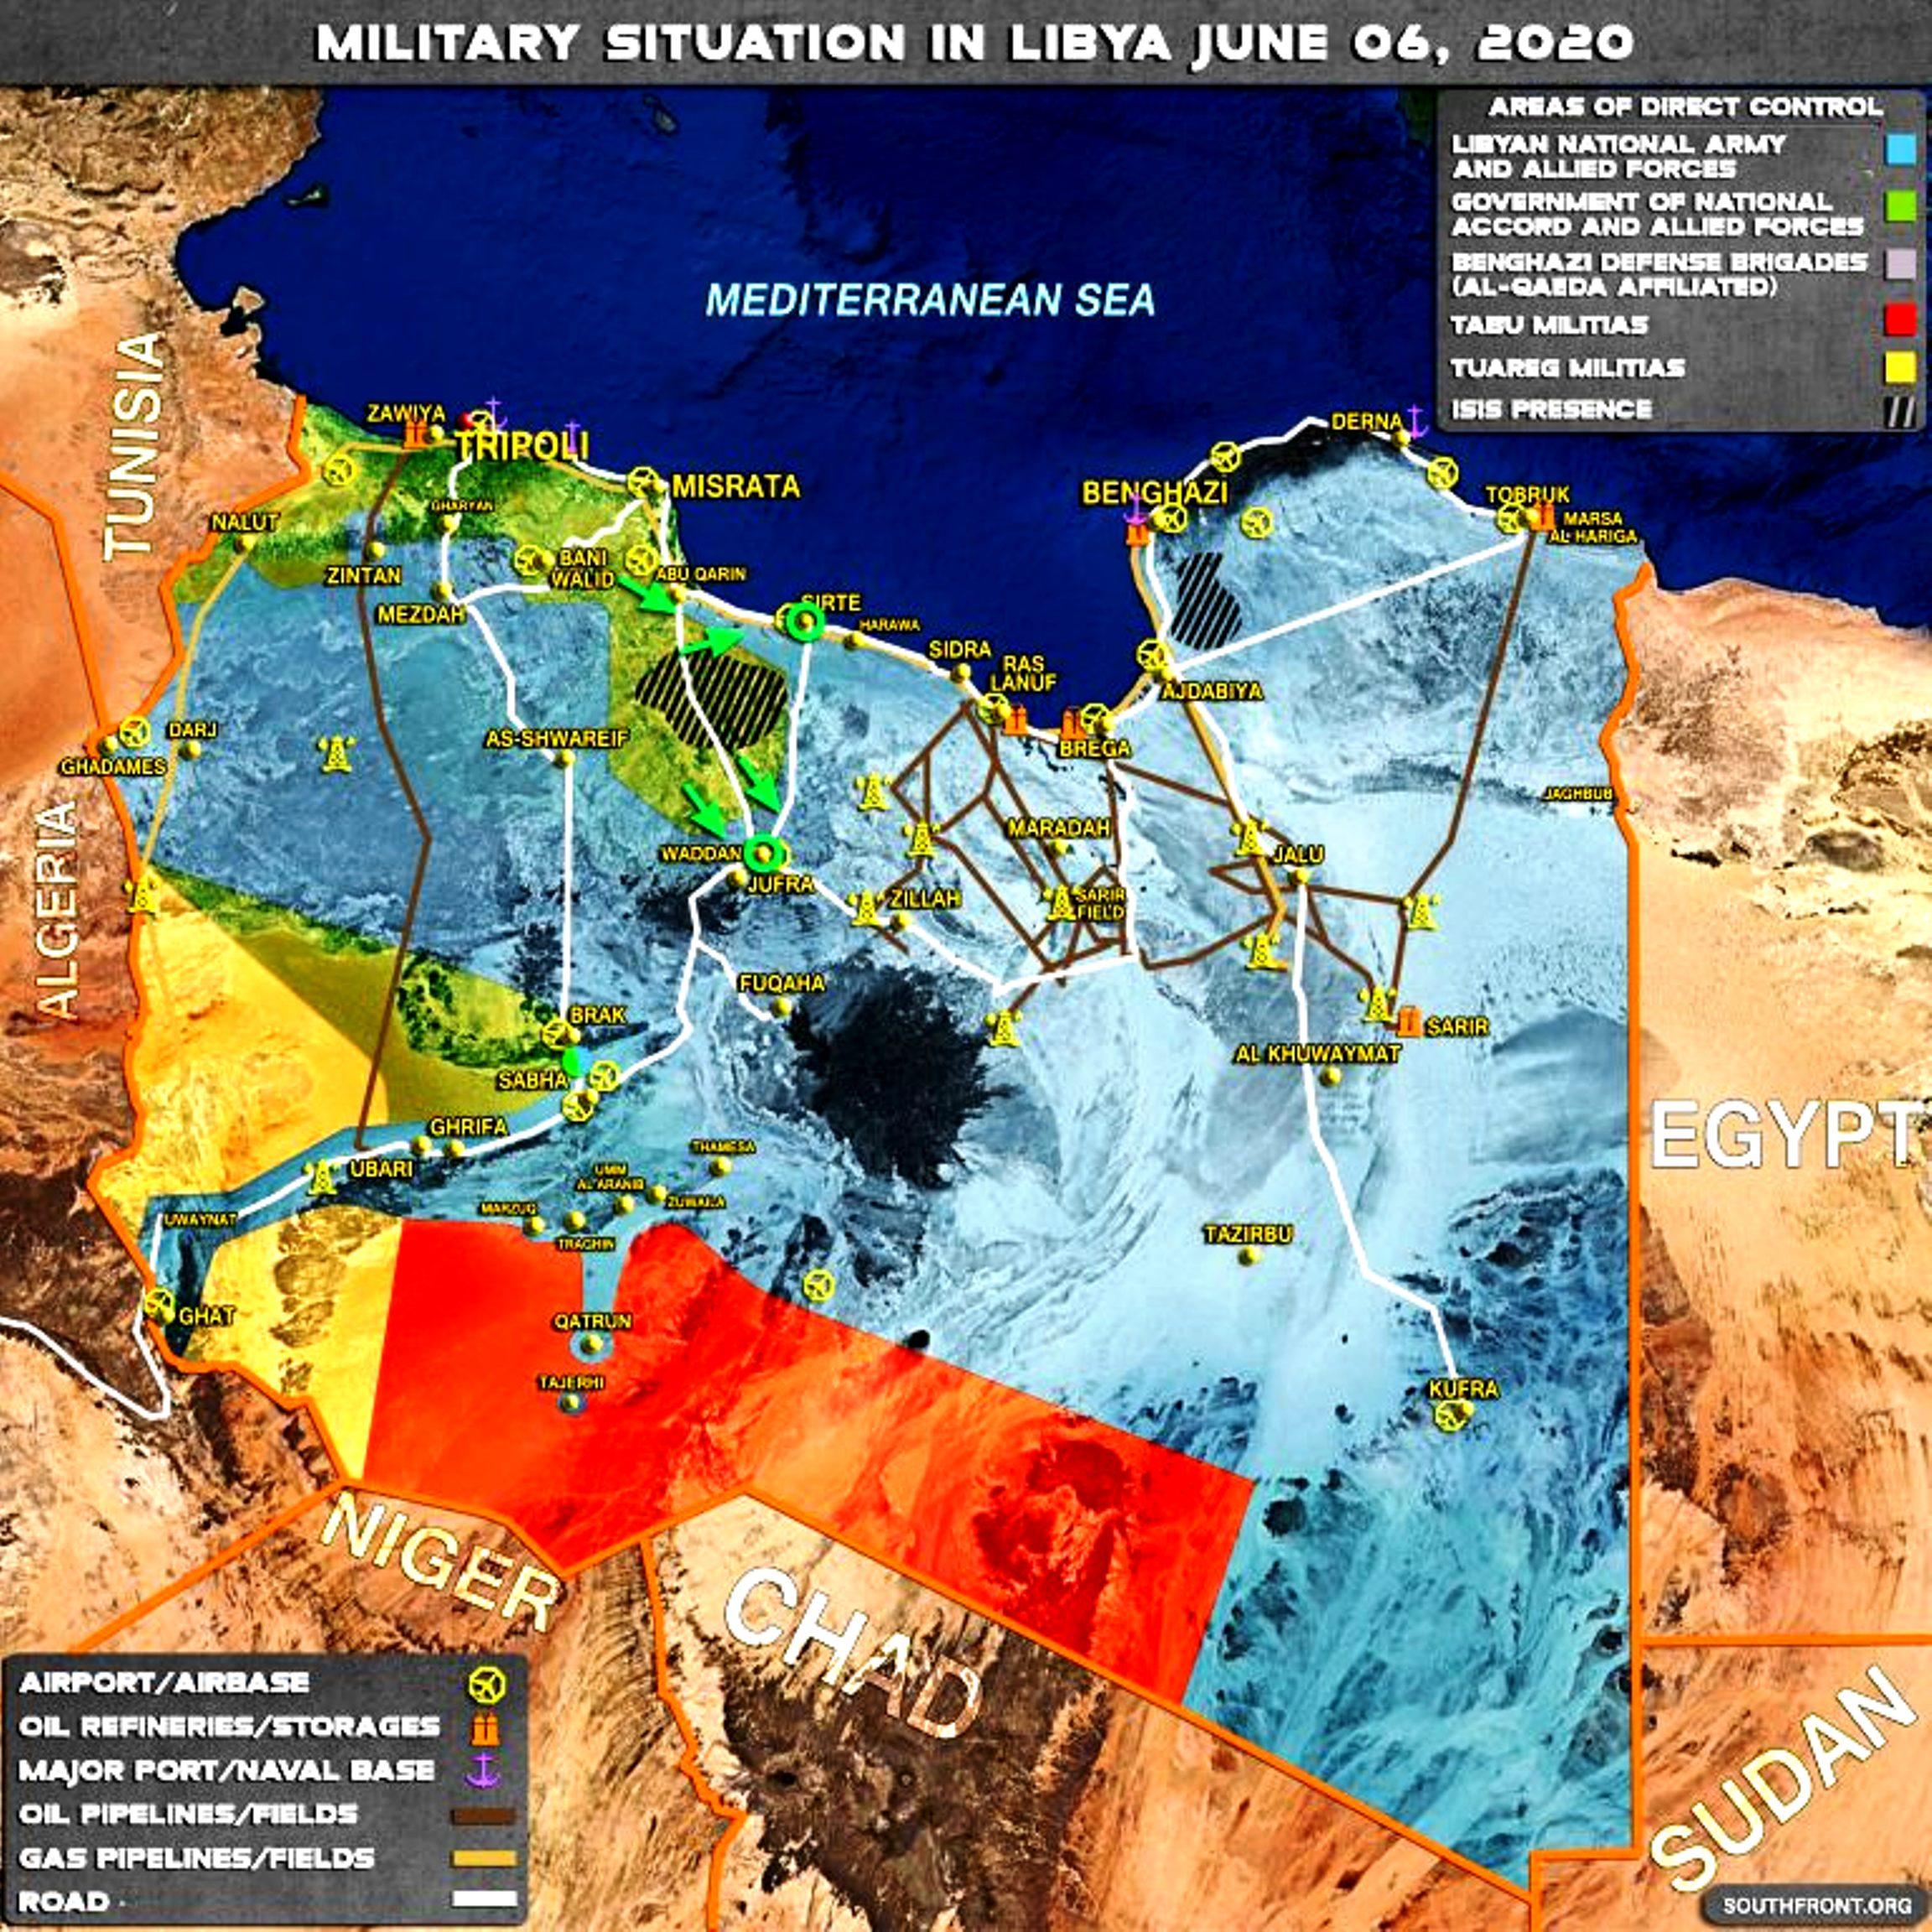 Ελληνικό ΥΠΕΞ: Στηρίζουμε την πρωτοβουλία της Αιγύπτου για εκεχειρία στη Λιβύη